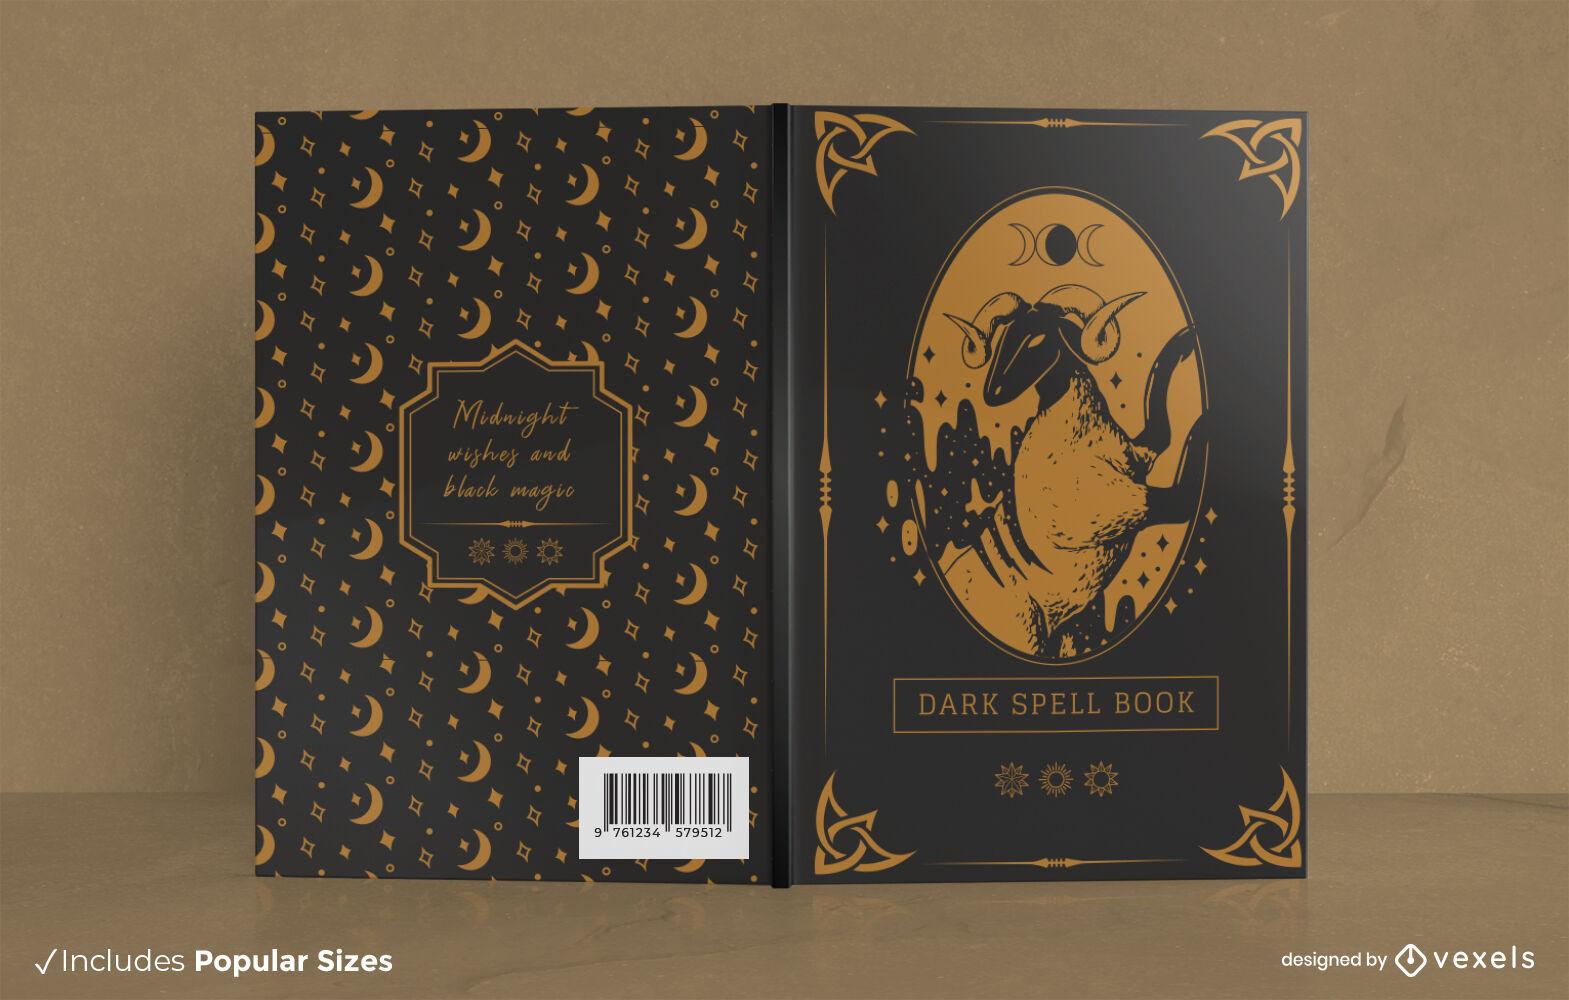 Diseño de portada de libro de hechizos de brujería oscura